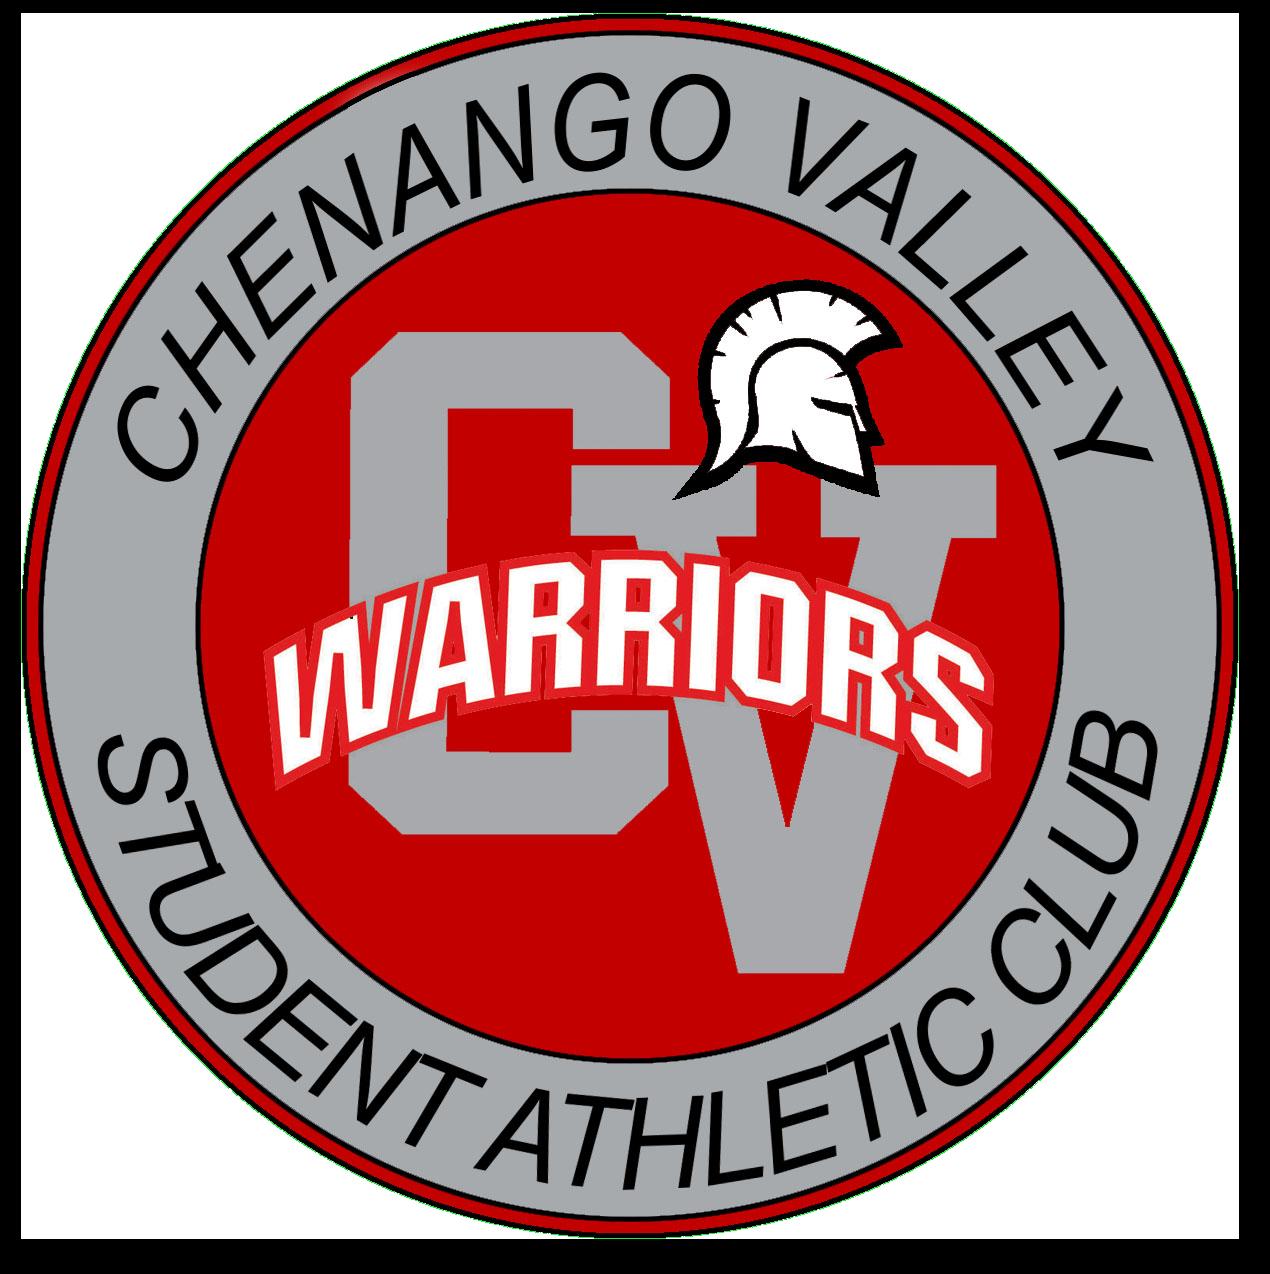 Chenango valley student athletic club logo